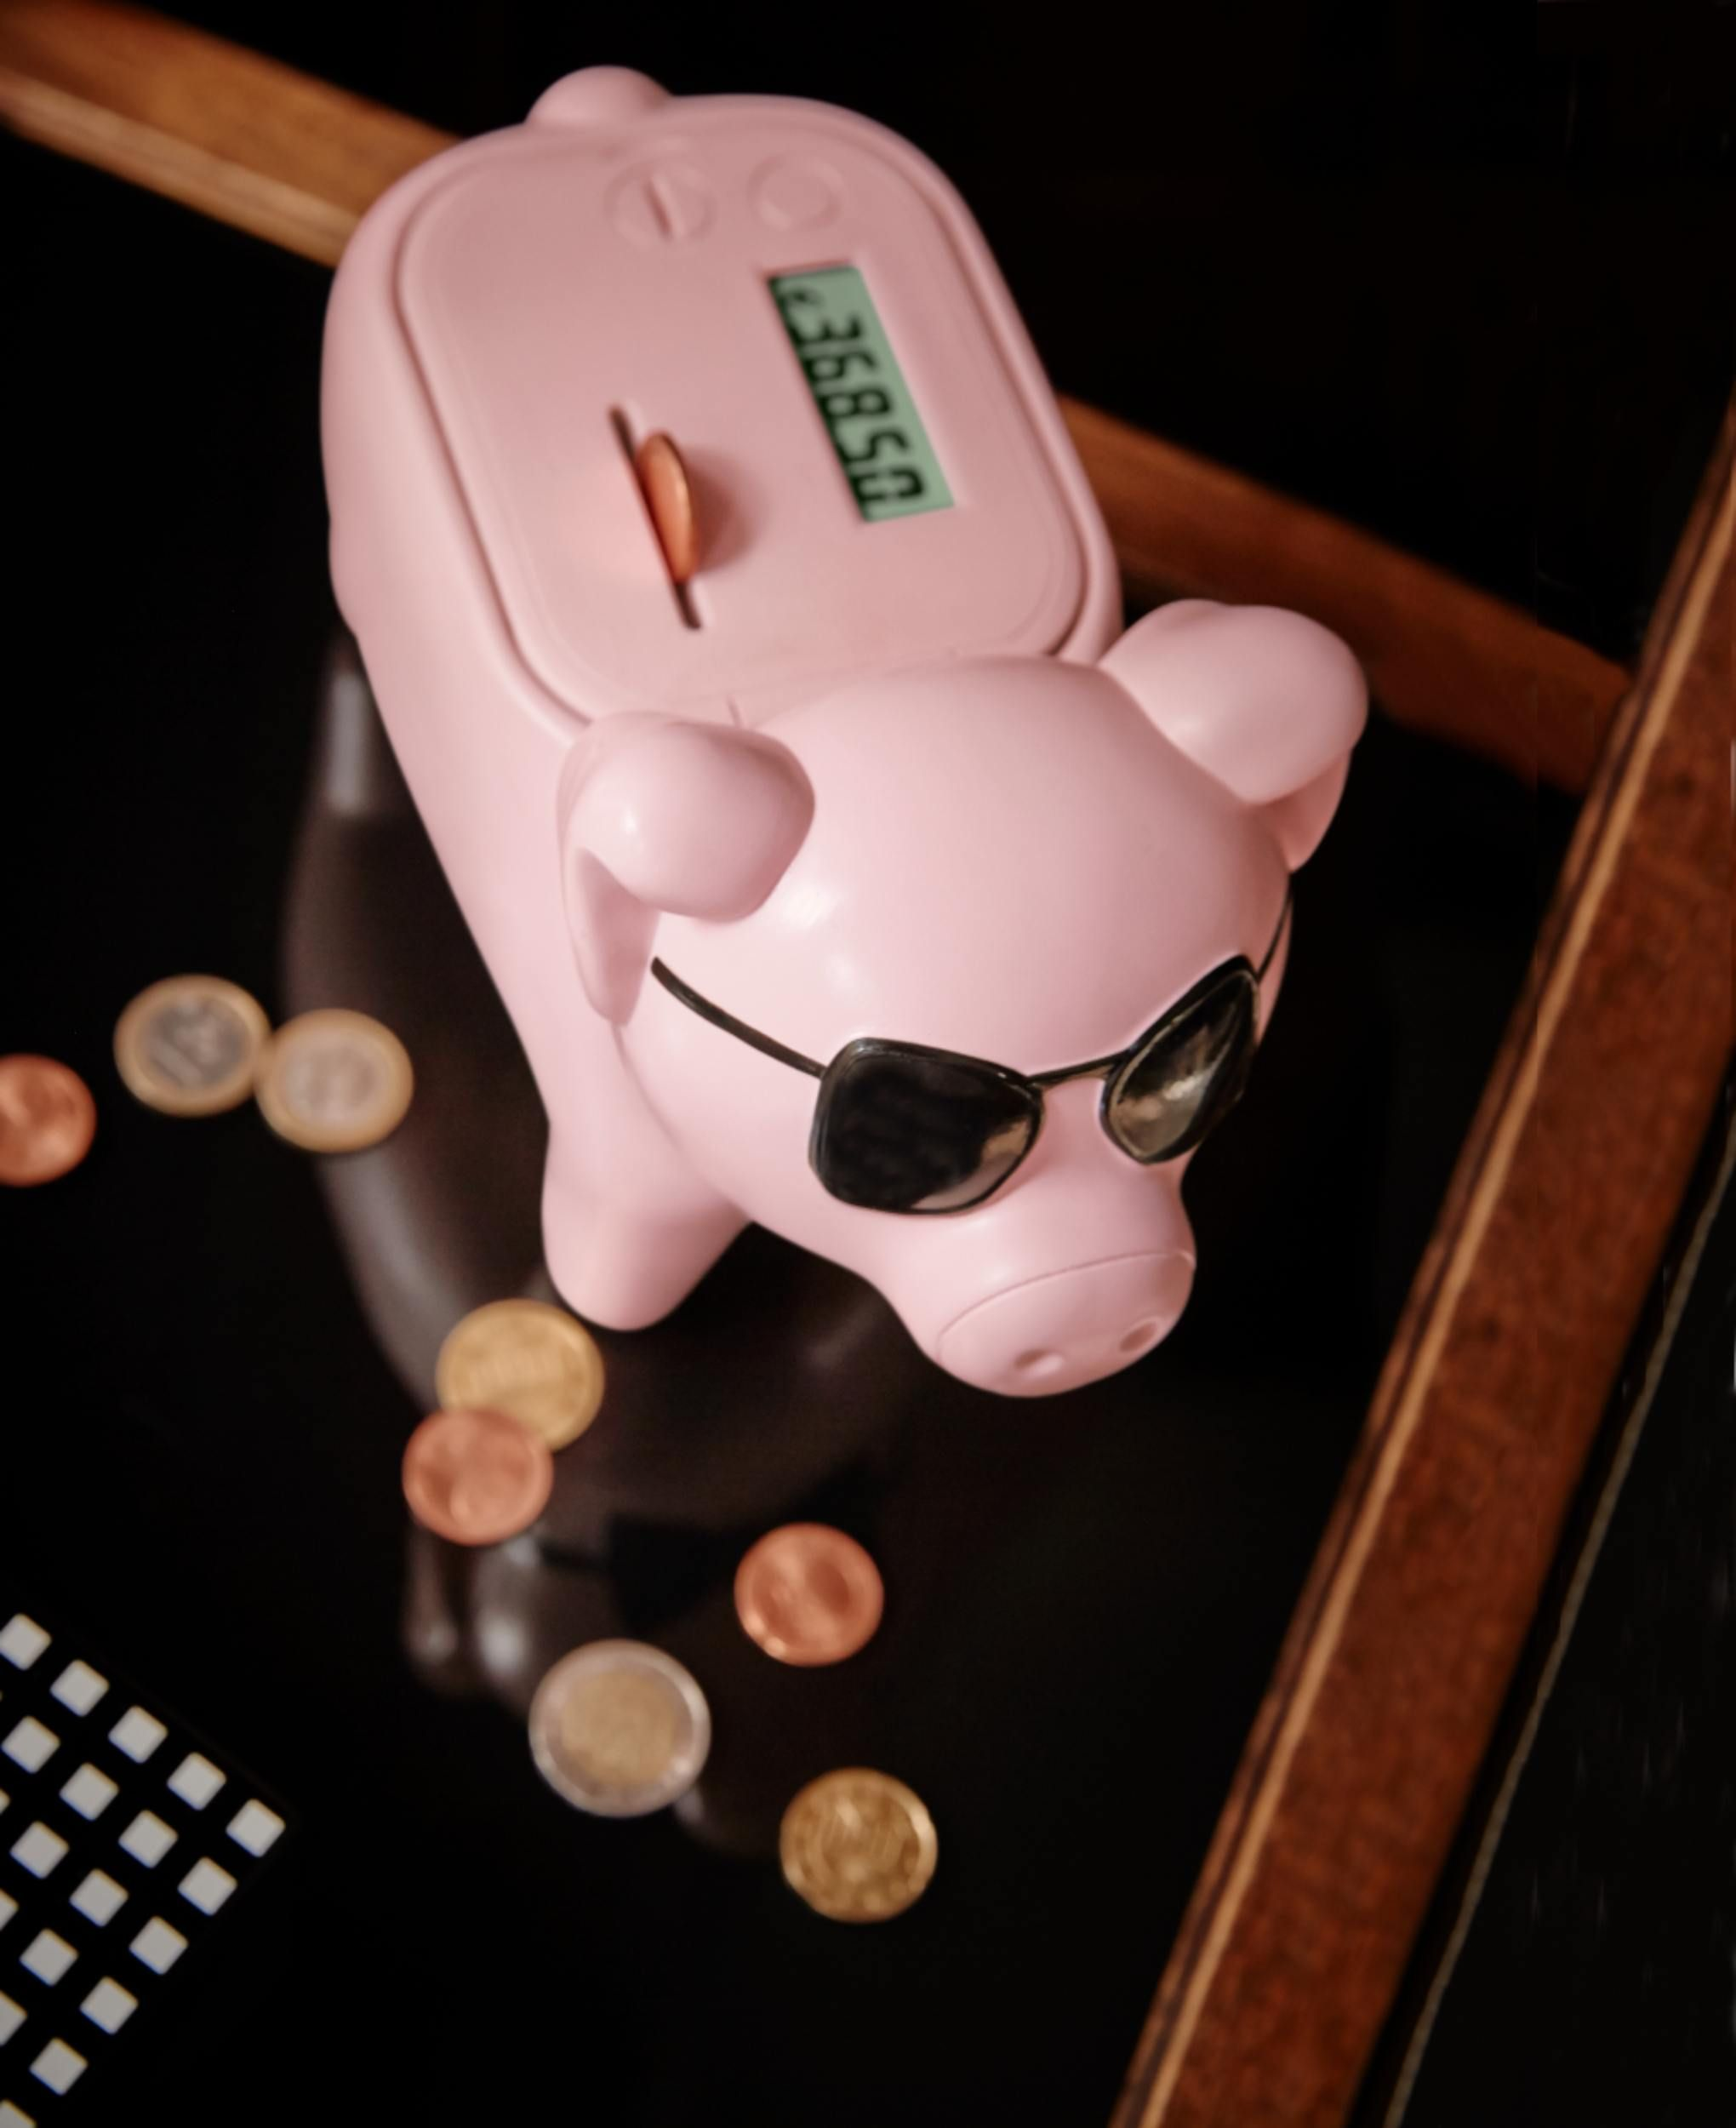 Designerska skarbonka: http://bit.ly/1wHBwNi #tchibo #tchibopolska #skarbonka #świnka #pig #xmas #prezentdlamężczyzny #xmas #gift #fun